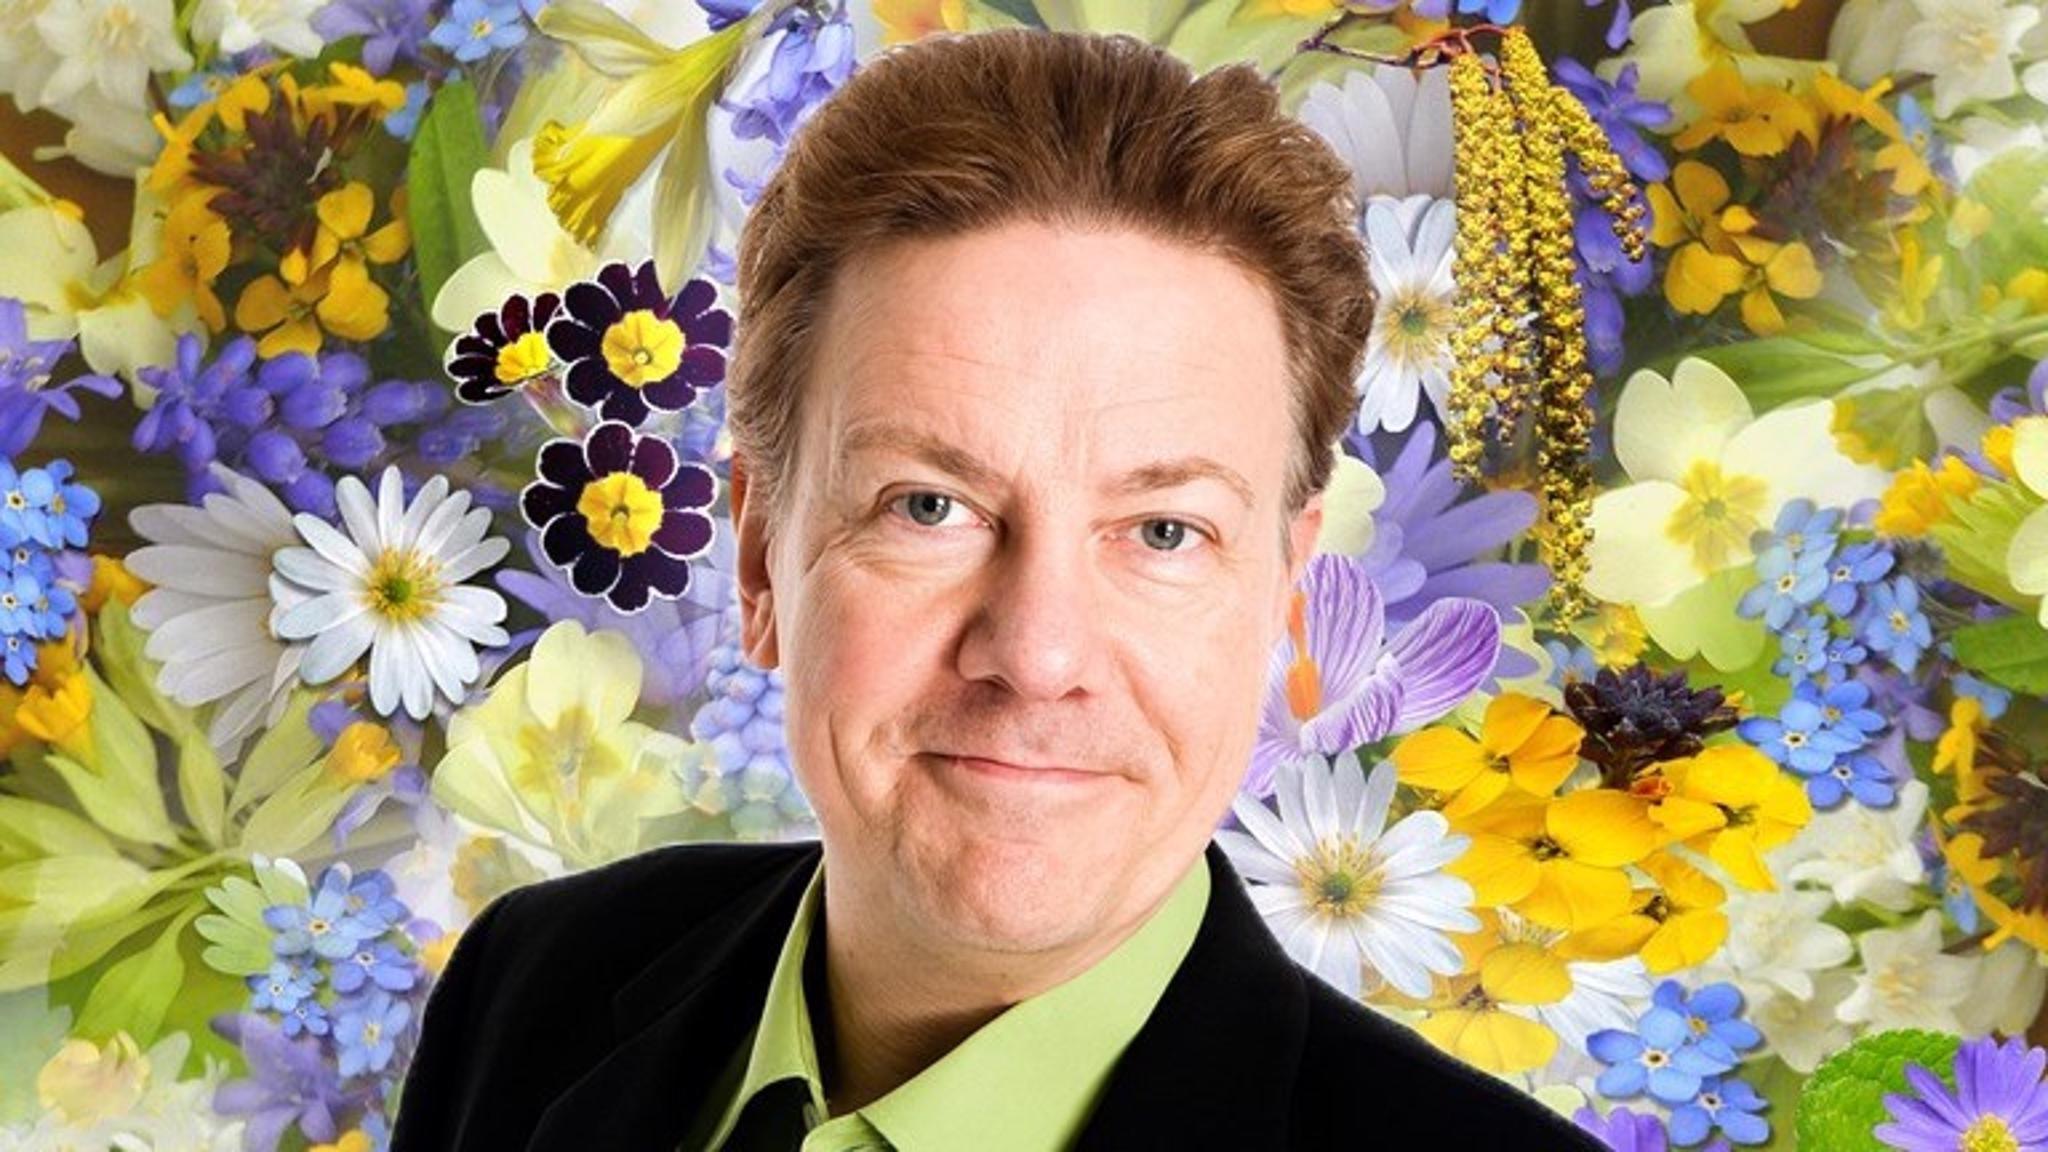 Anders Eldeman i förgrunden i bakgrunden somriga blommor.